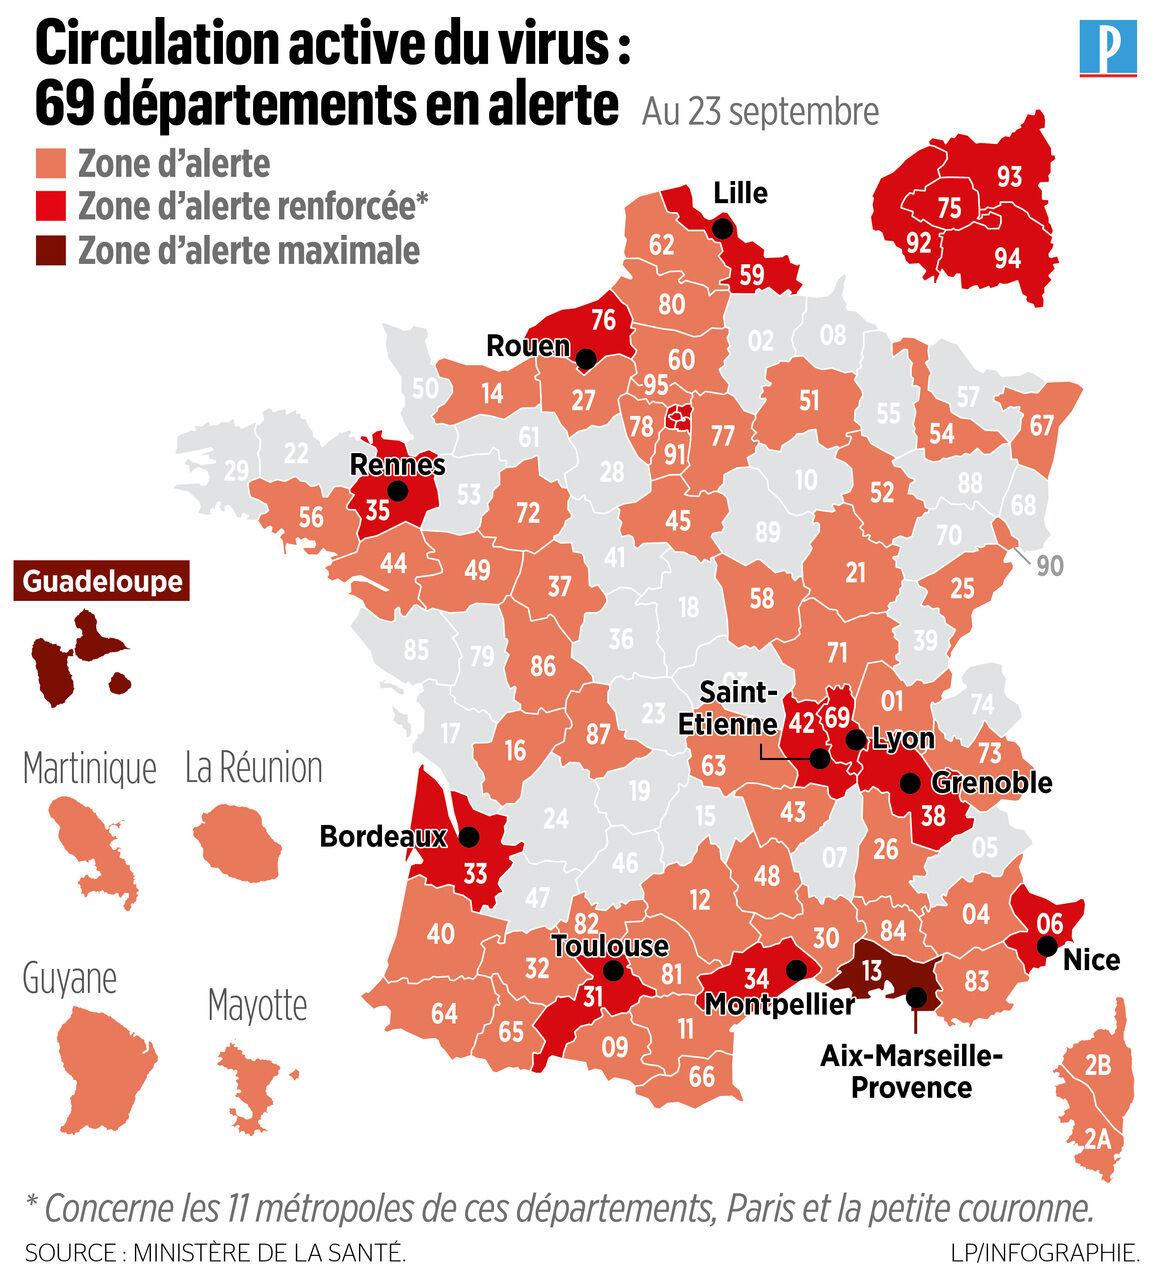 Covid 19 L Oise En Zone D Alerte Cela Rappelle Vraiment De Mauvais Souvenirs Le Parisien